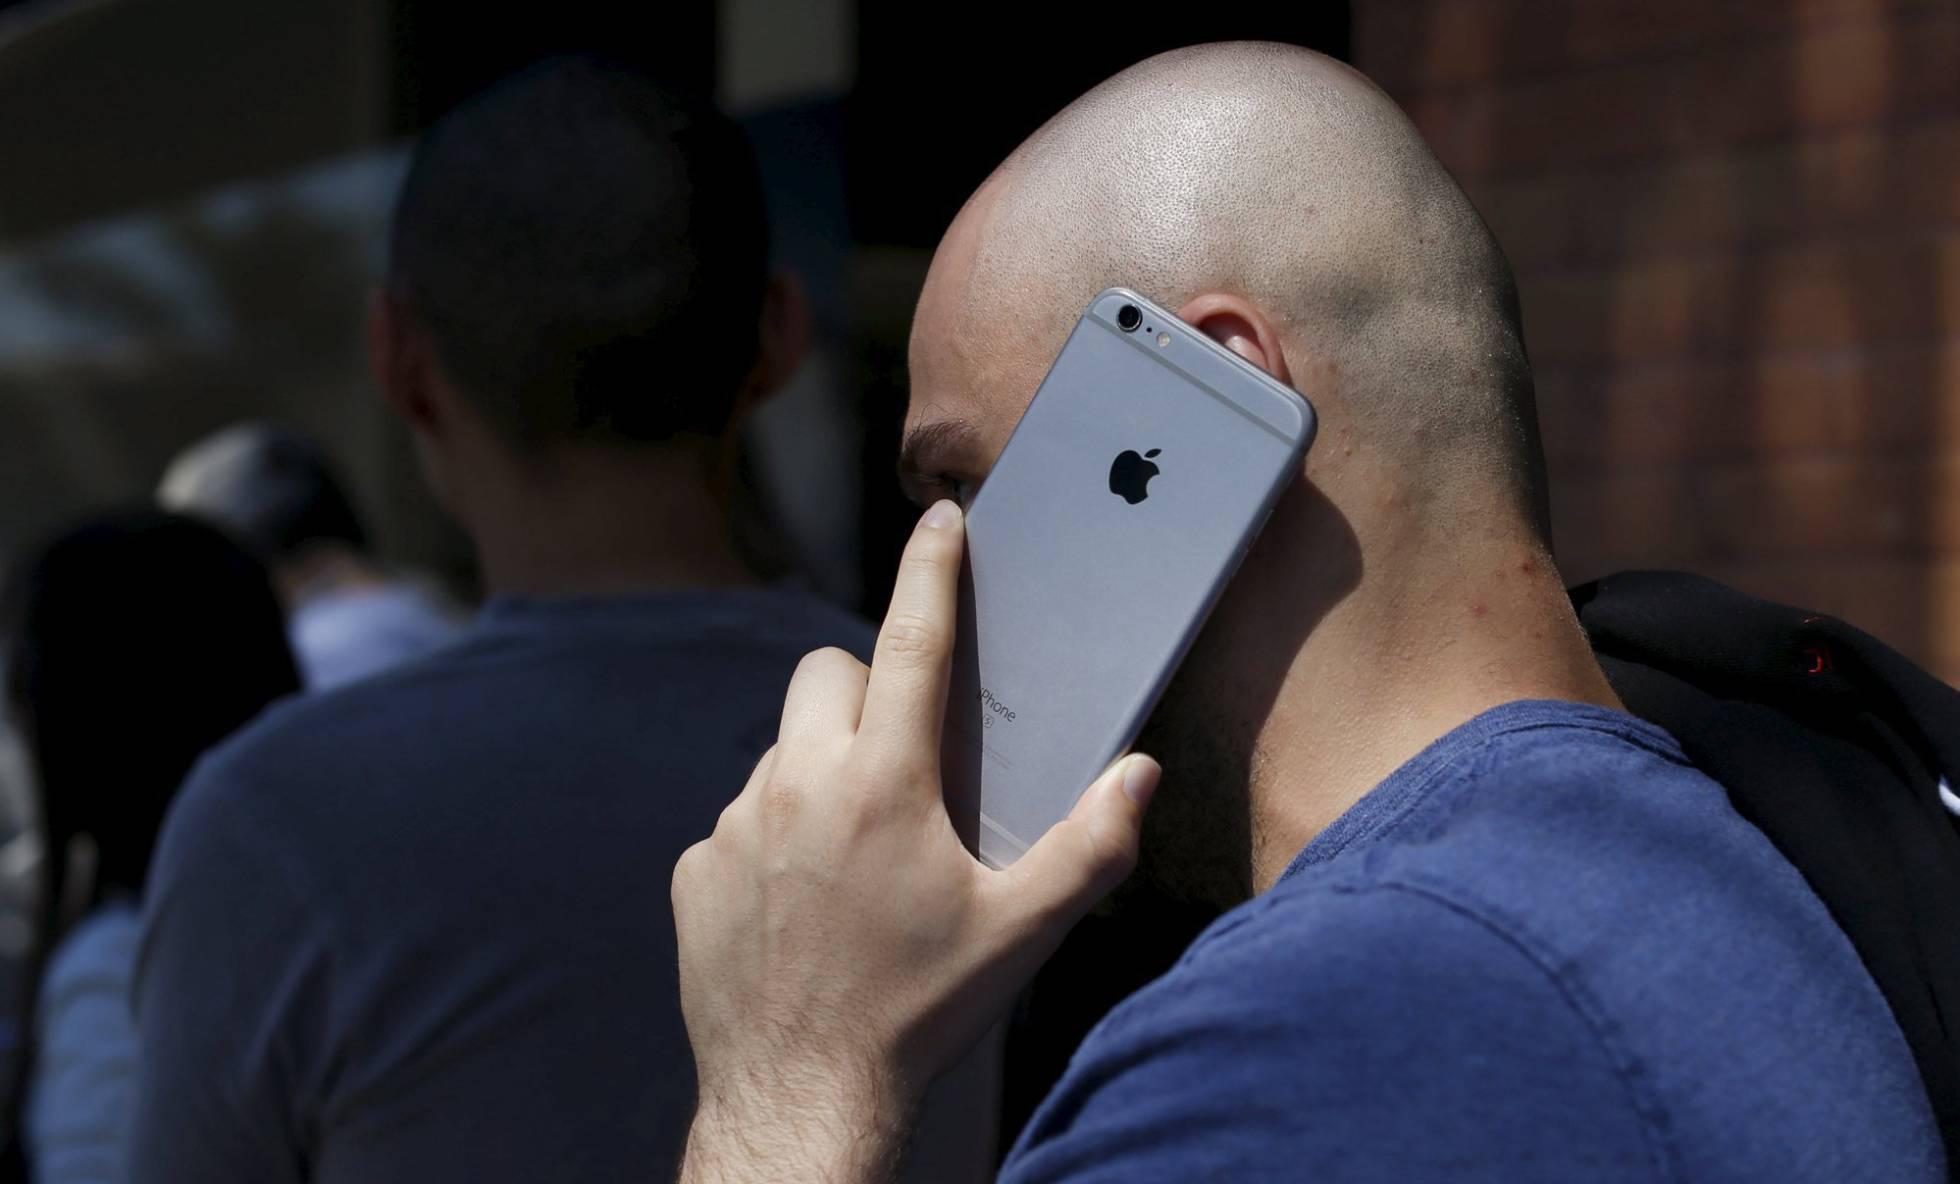 El nuevo iPhone se espera para después del verano. MARIO ANZUONI REUTERS